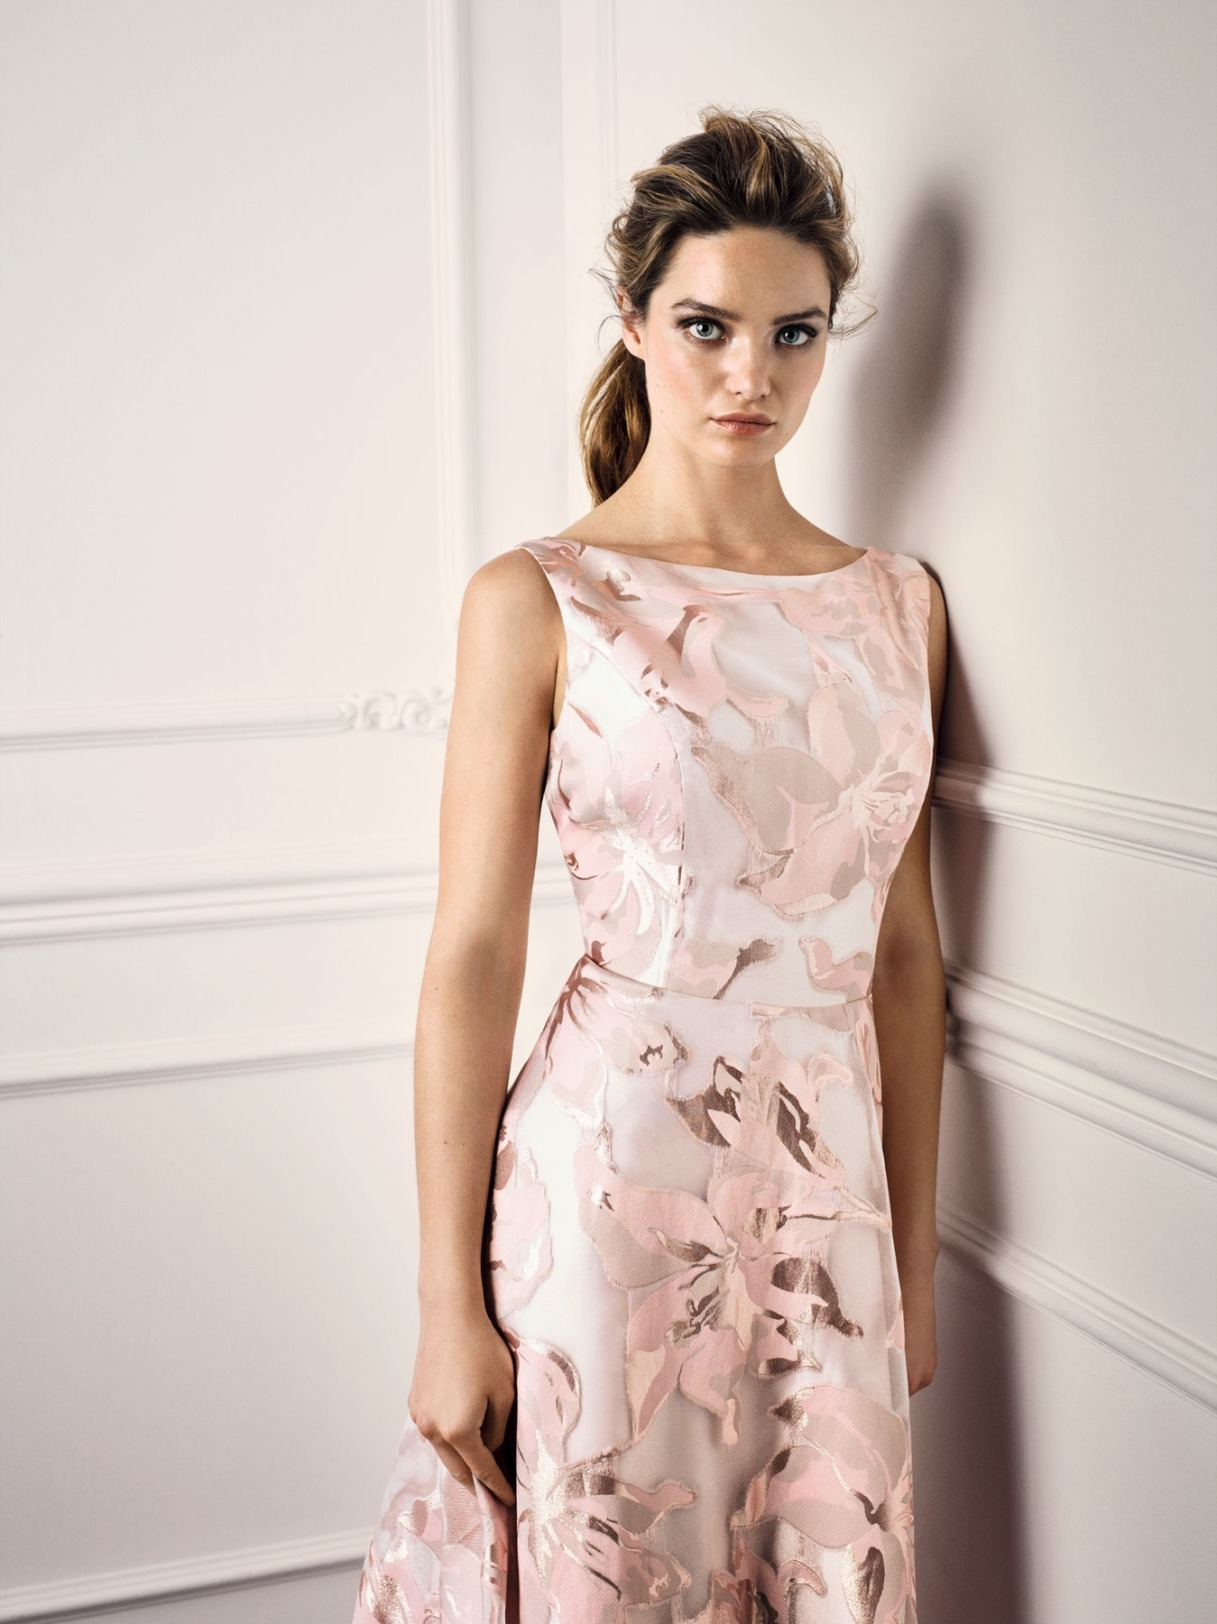 Vera Mont Kleid Anlass Mode Hochzeit Festmode Damen für Eltern rose mit Blumendruck Abendkleid festlich kurz